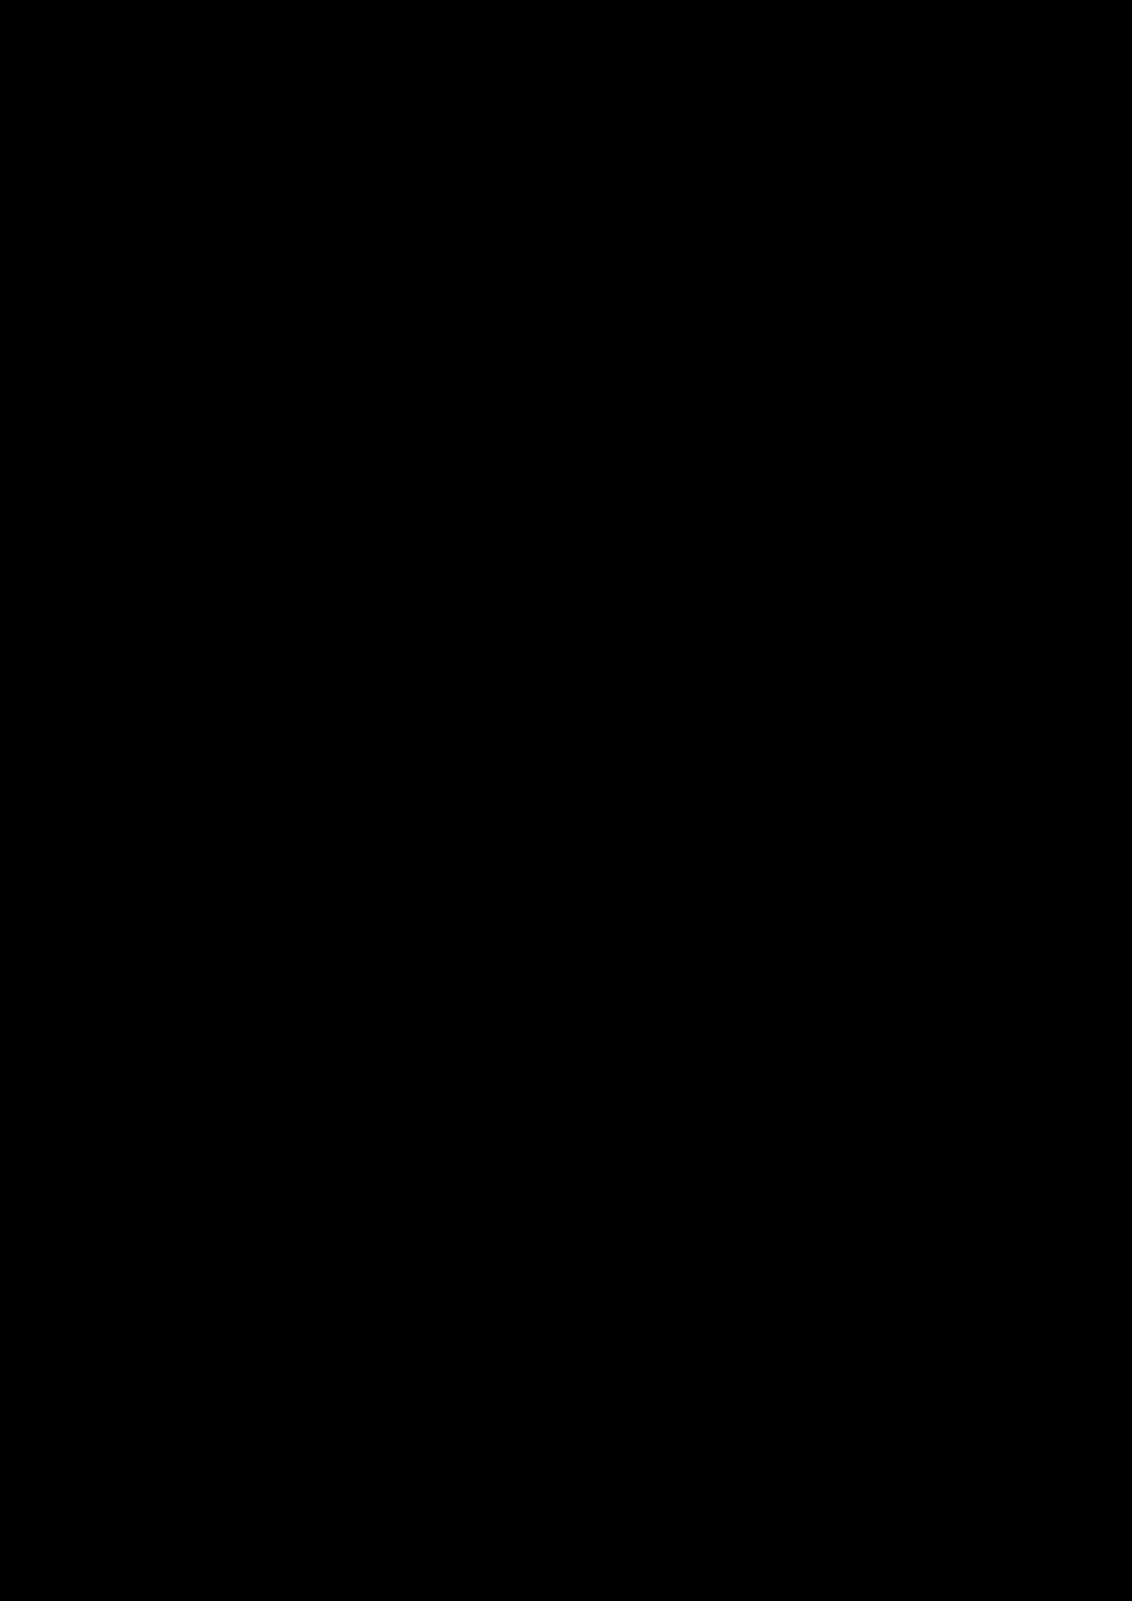 Zagadka volshebnoy stranyi slide, Image 58